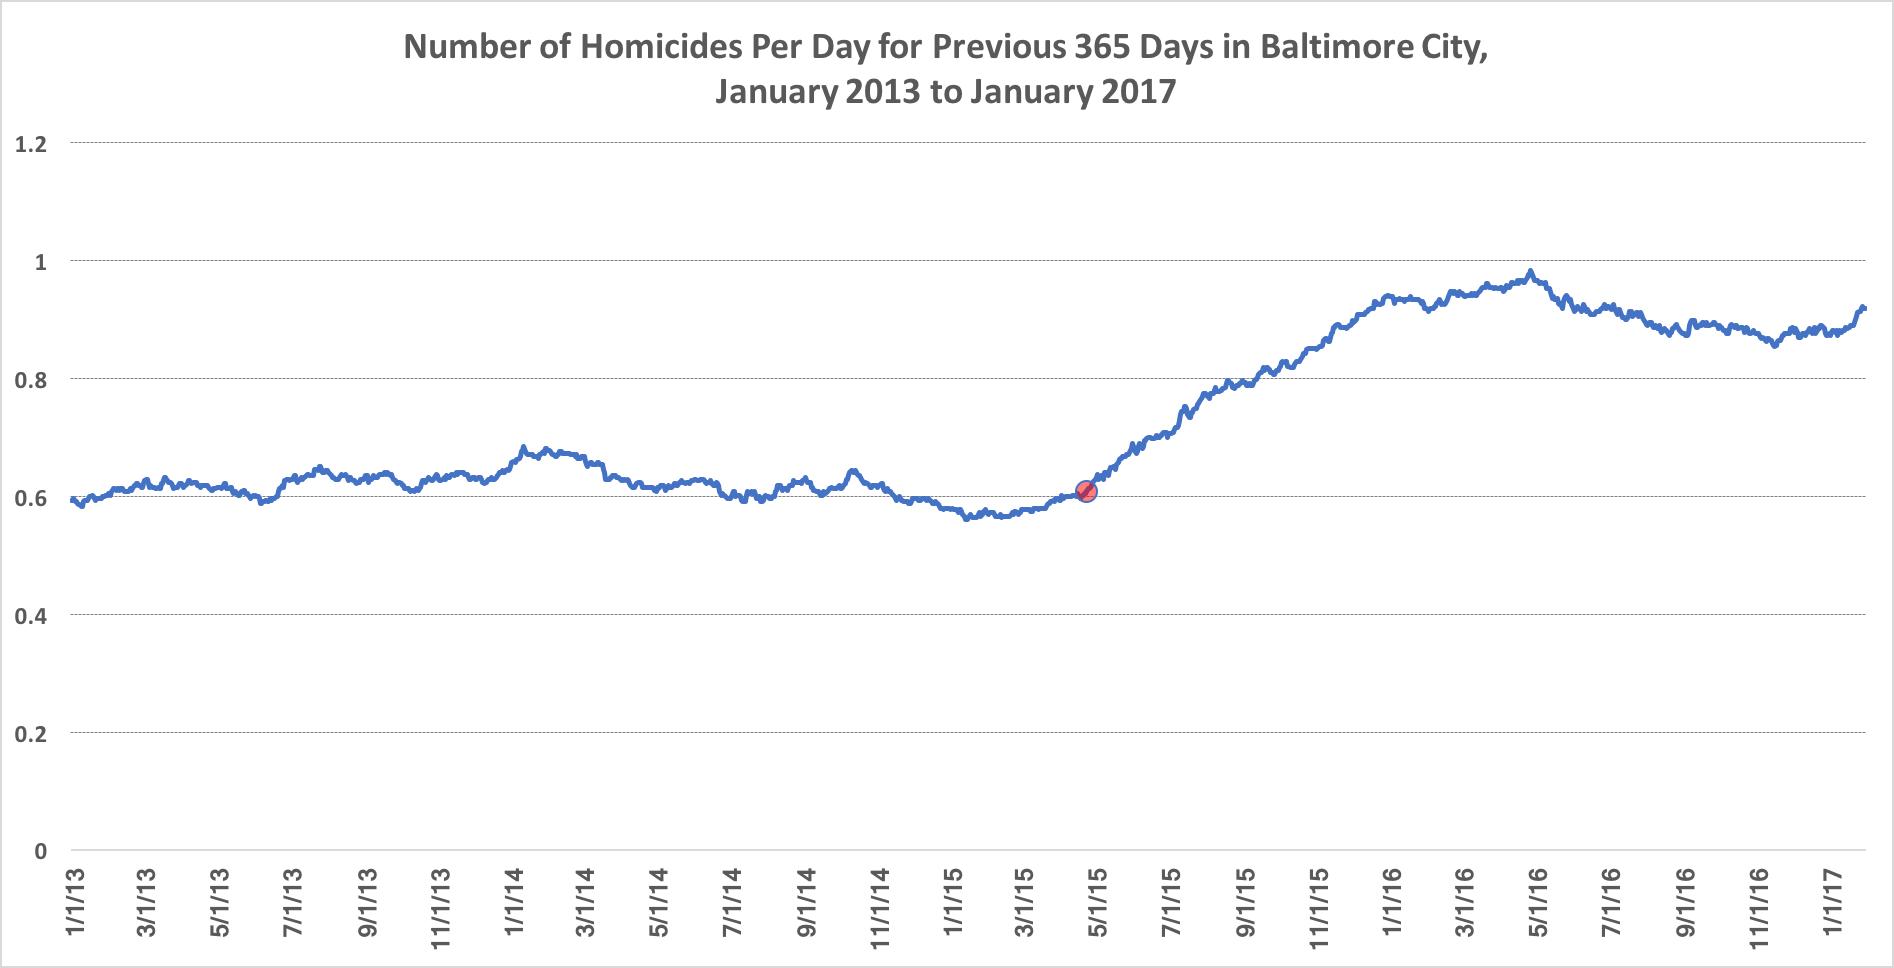 homicides_per_day